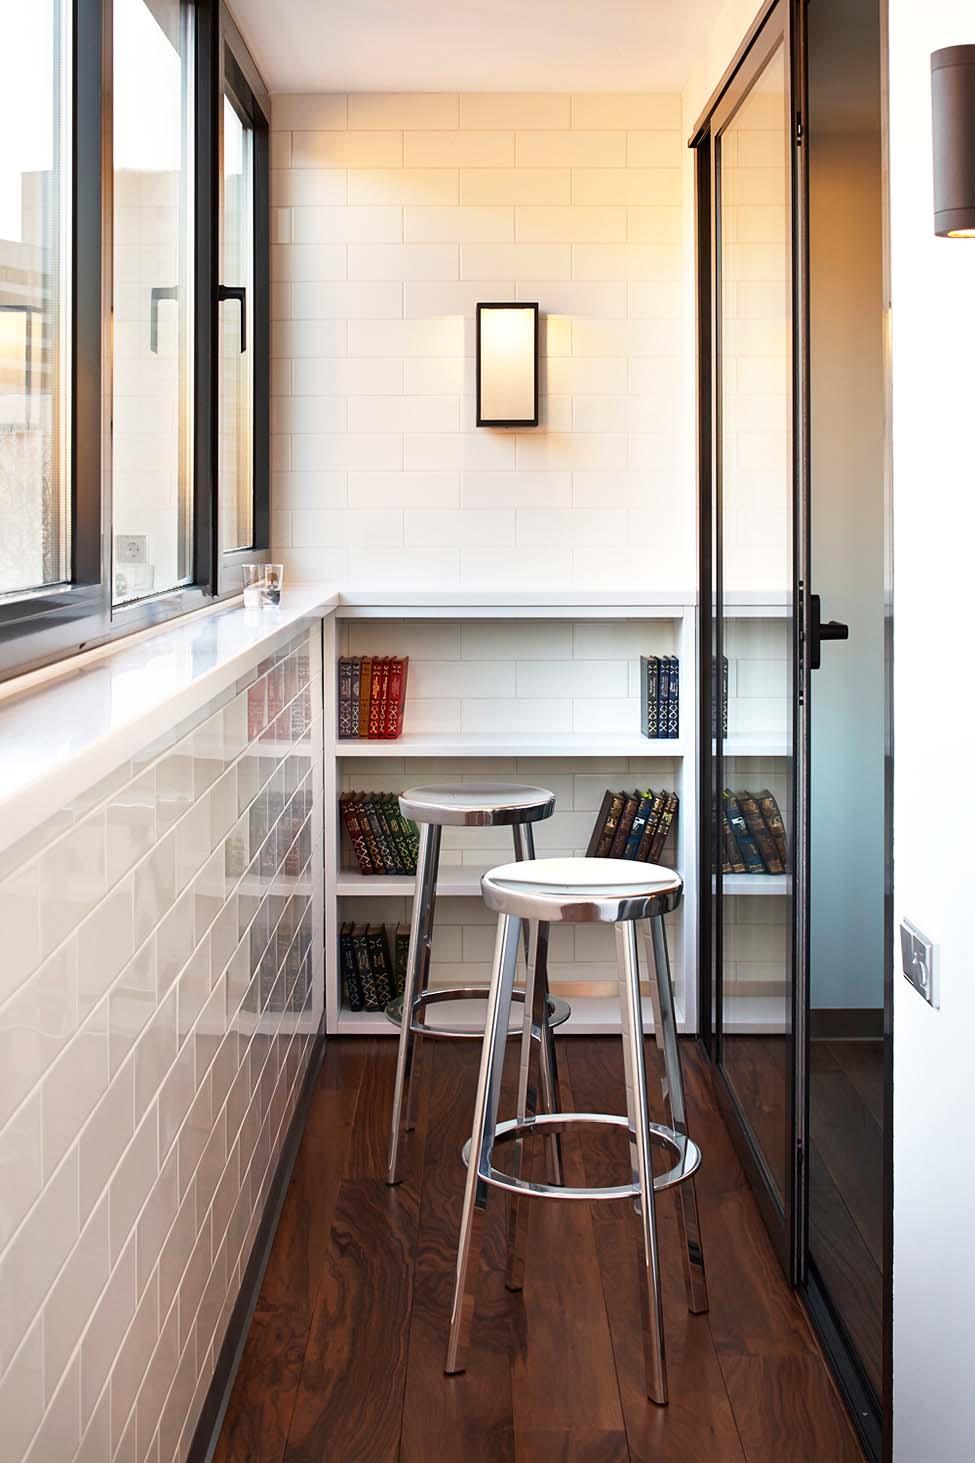 优雅52平方米一居室改造